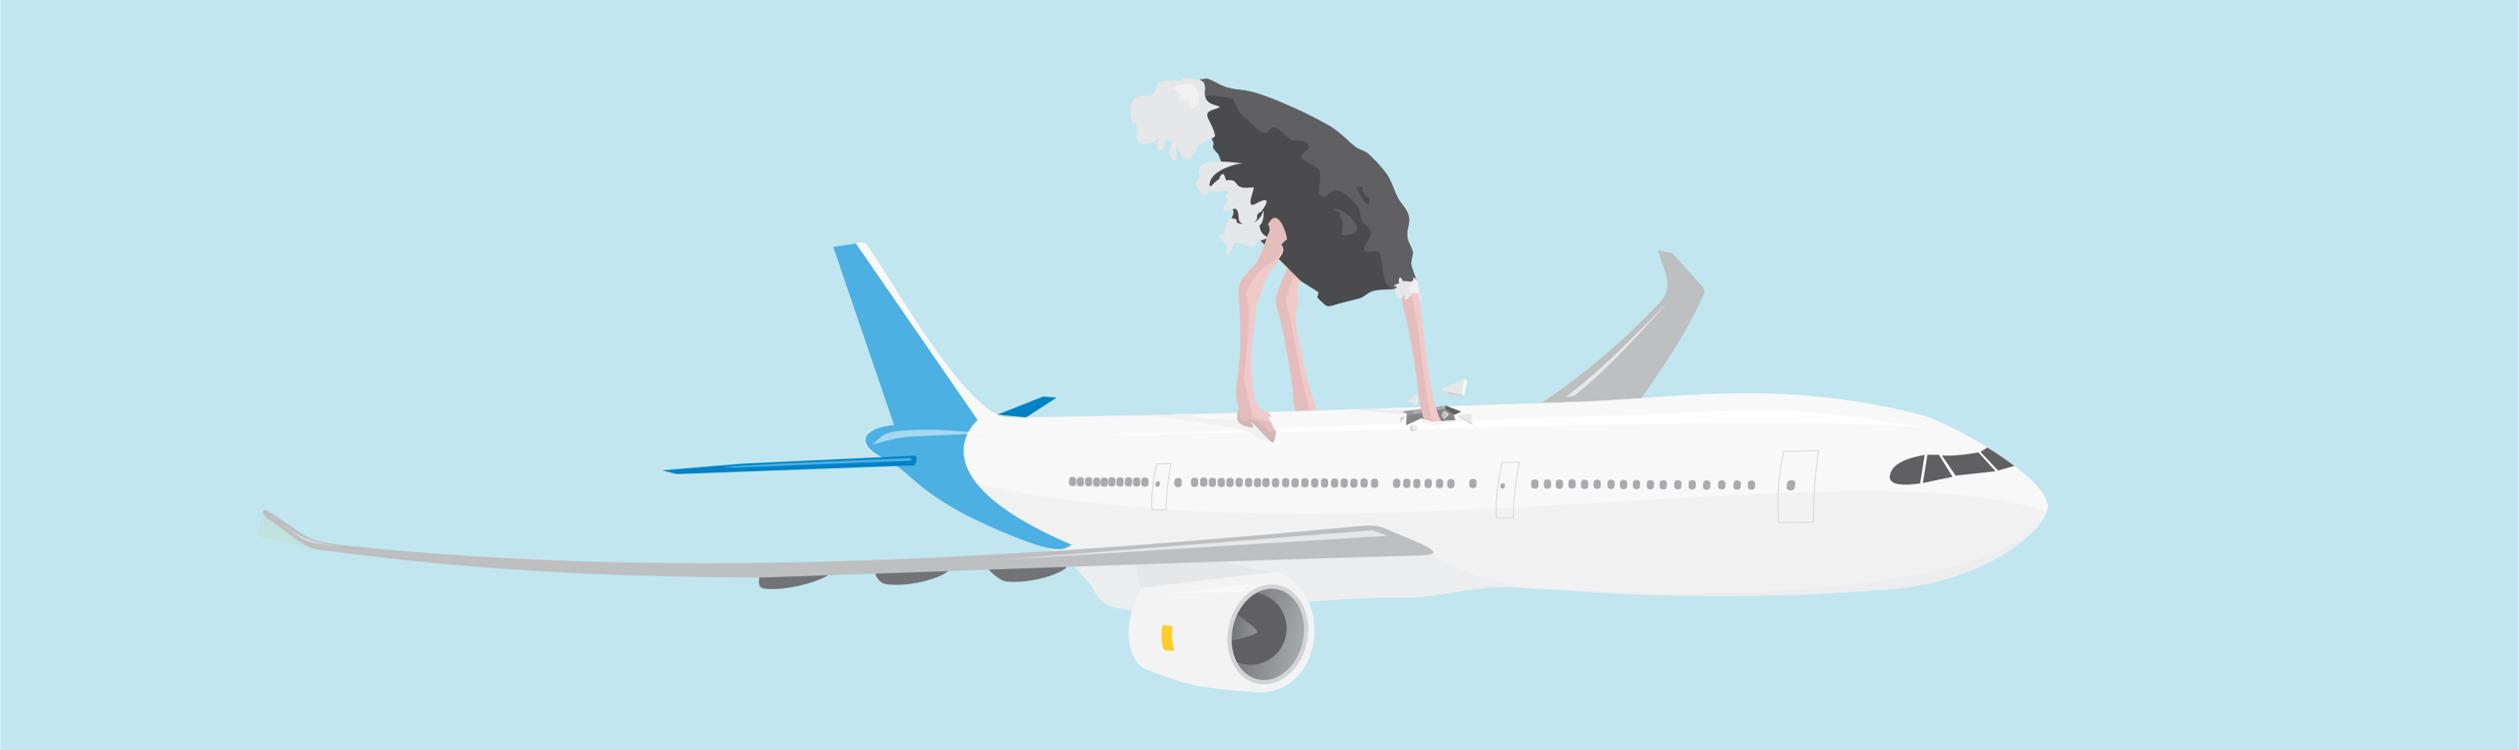 vliegtuigreis